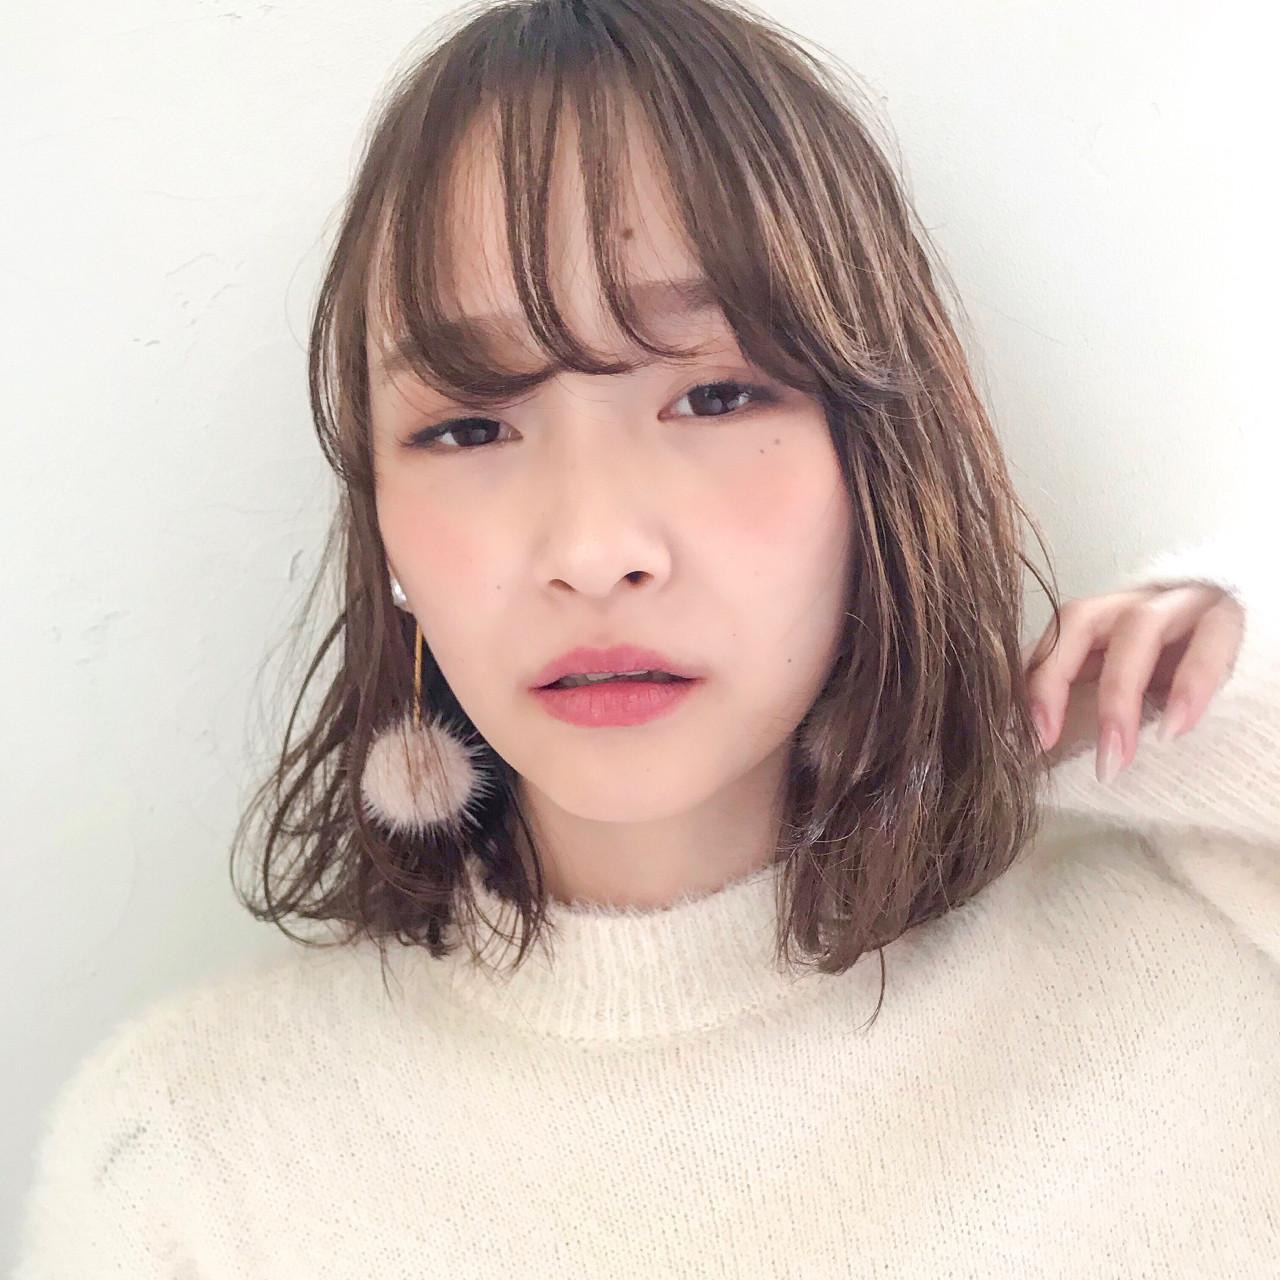 デート フェミニン 前髪あり ゆるふわ ヘアスタイルや髪型の写真・画像 | 信澤貴一【愛され大人可愛いヘア美容師】 / un ami kichijoji